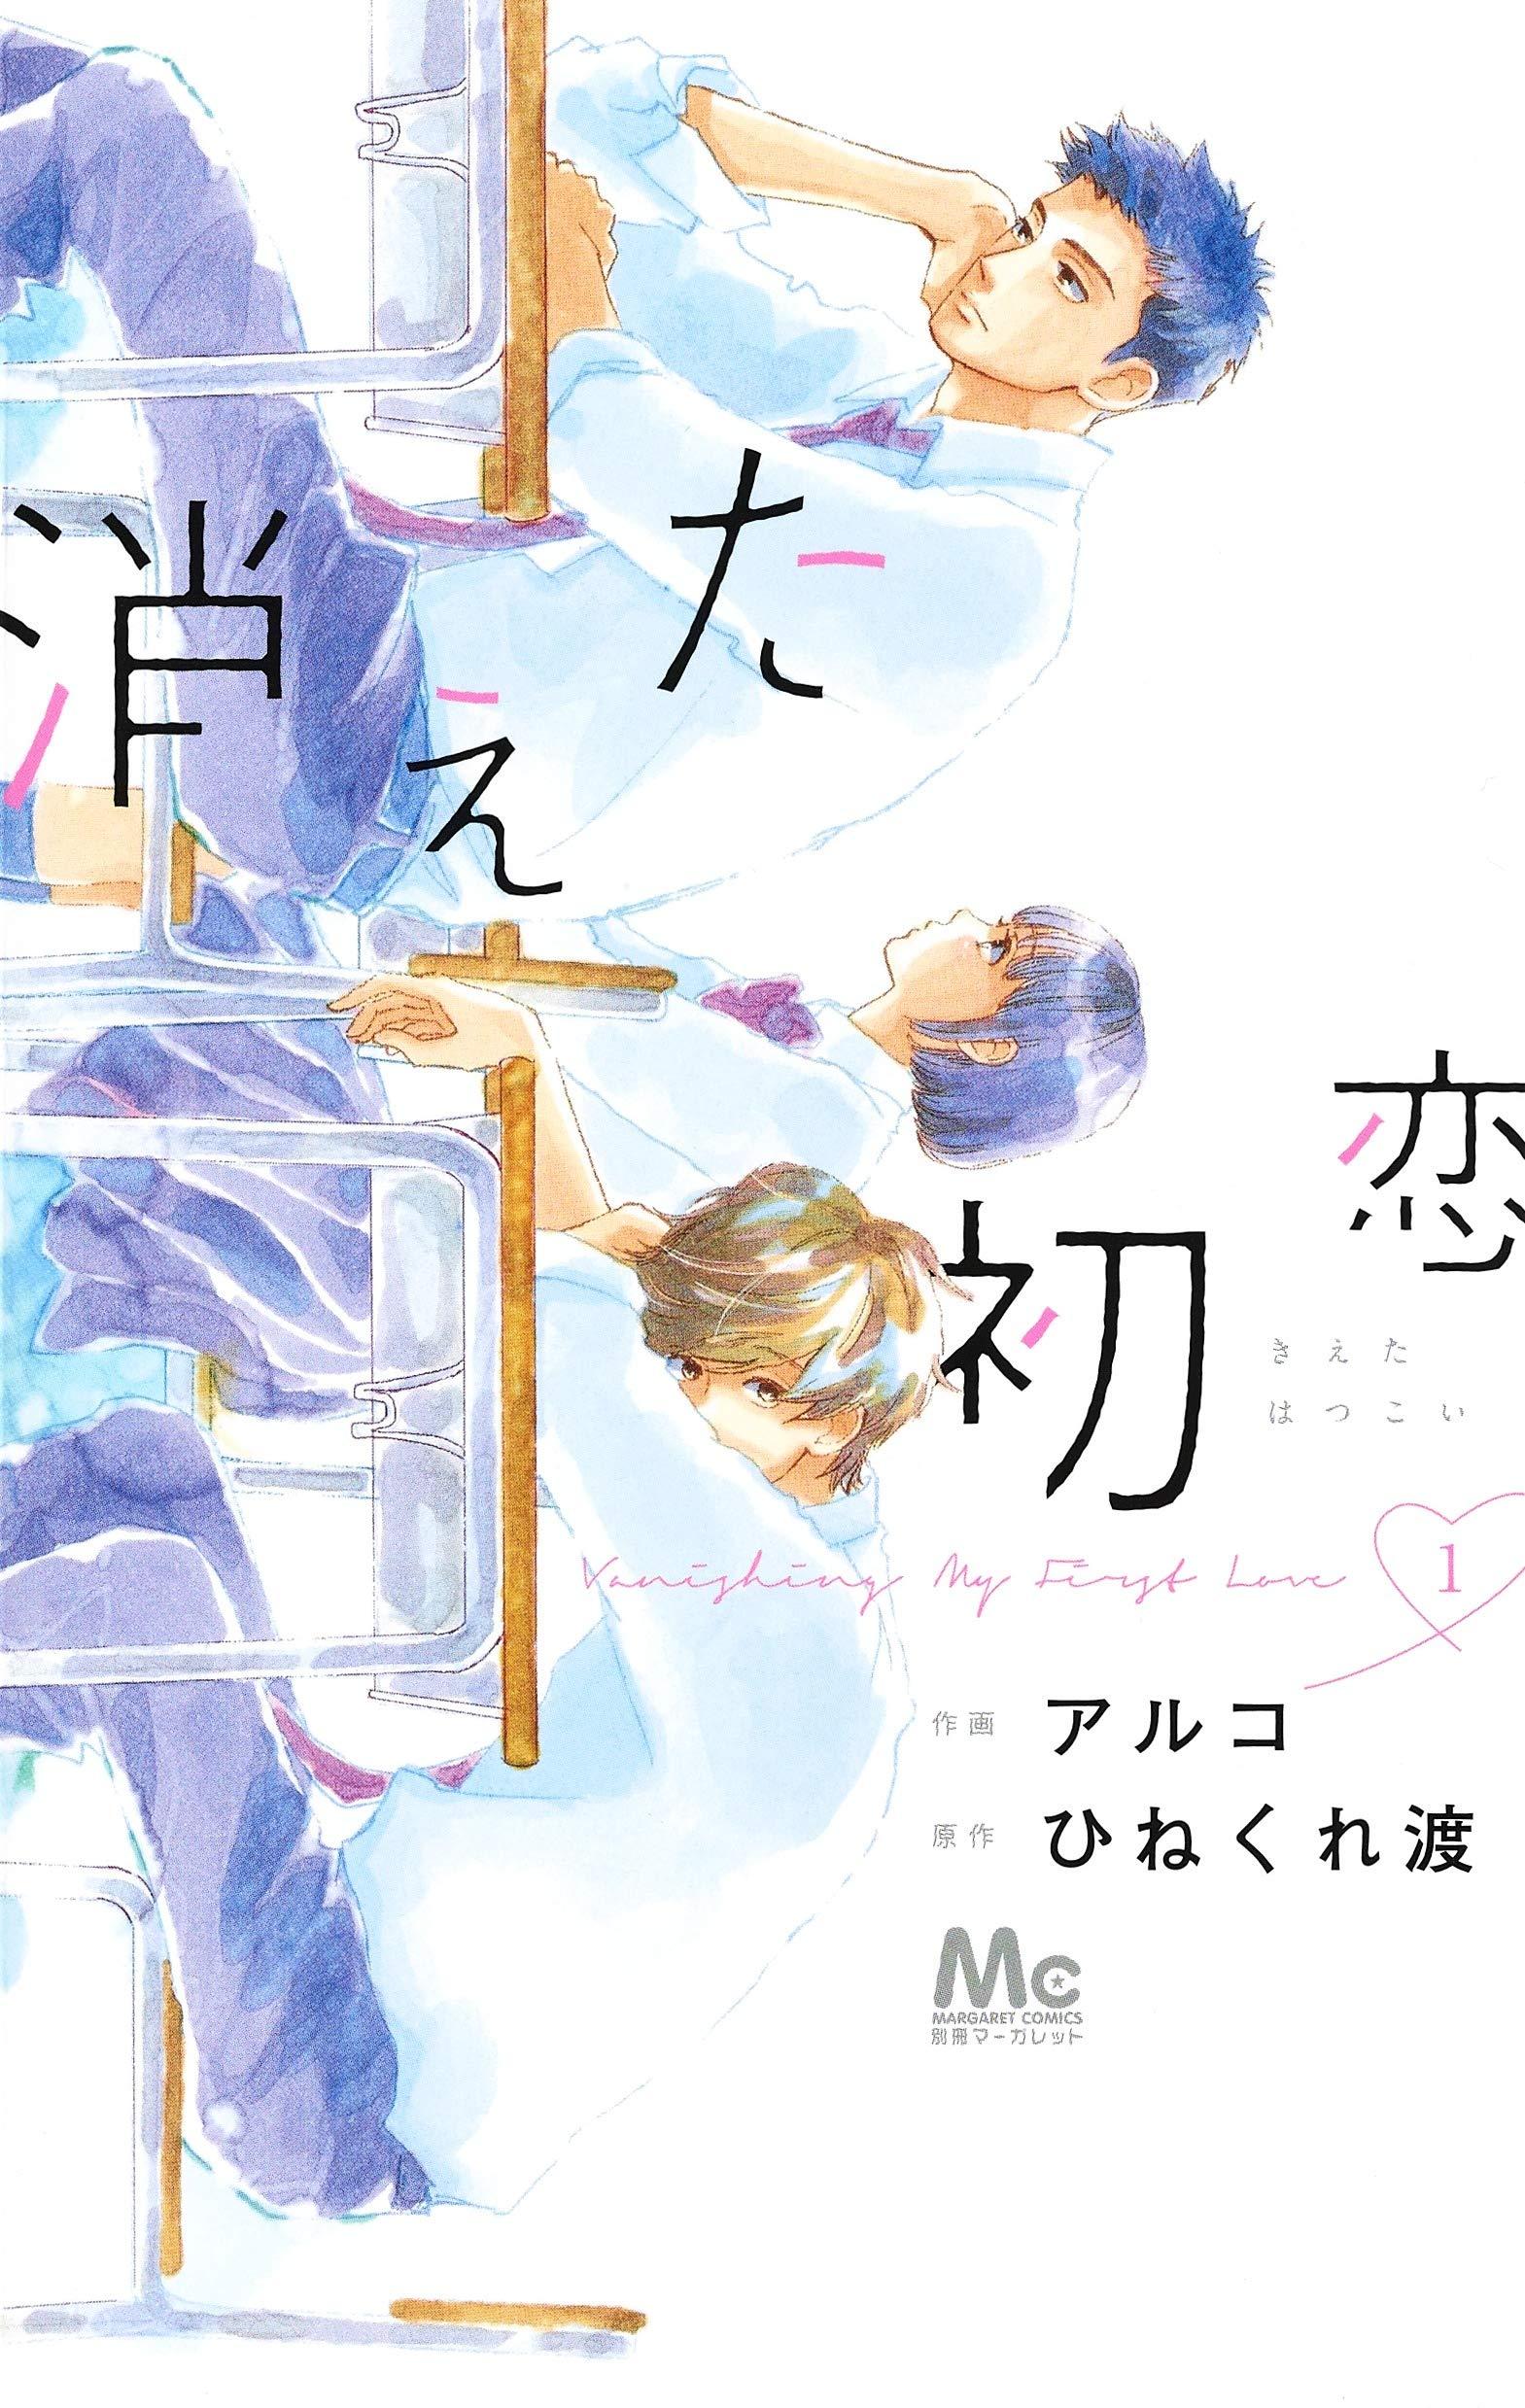 パンサー菅「コントにしたい完璧な設定」少女漫画『消えた初恋』の魅力熱弁の画像001